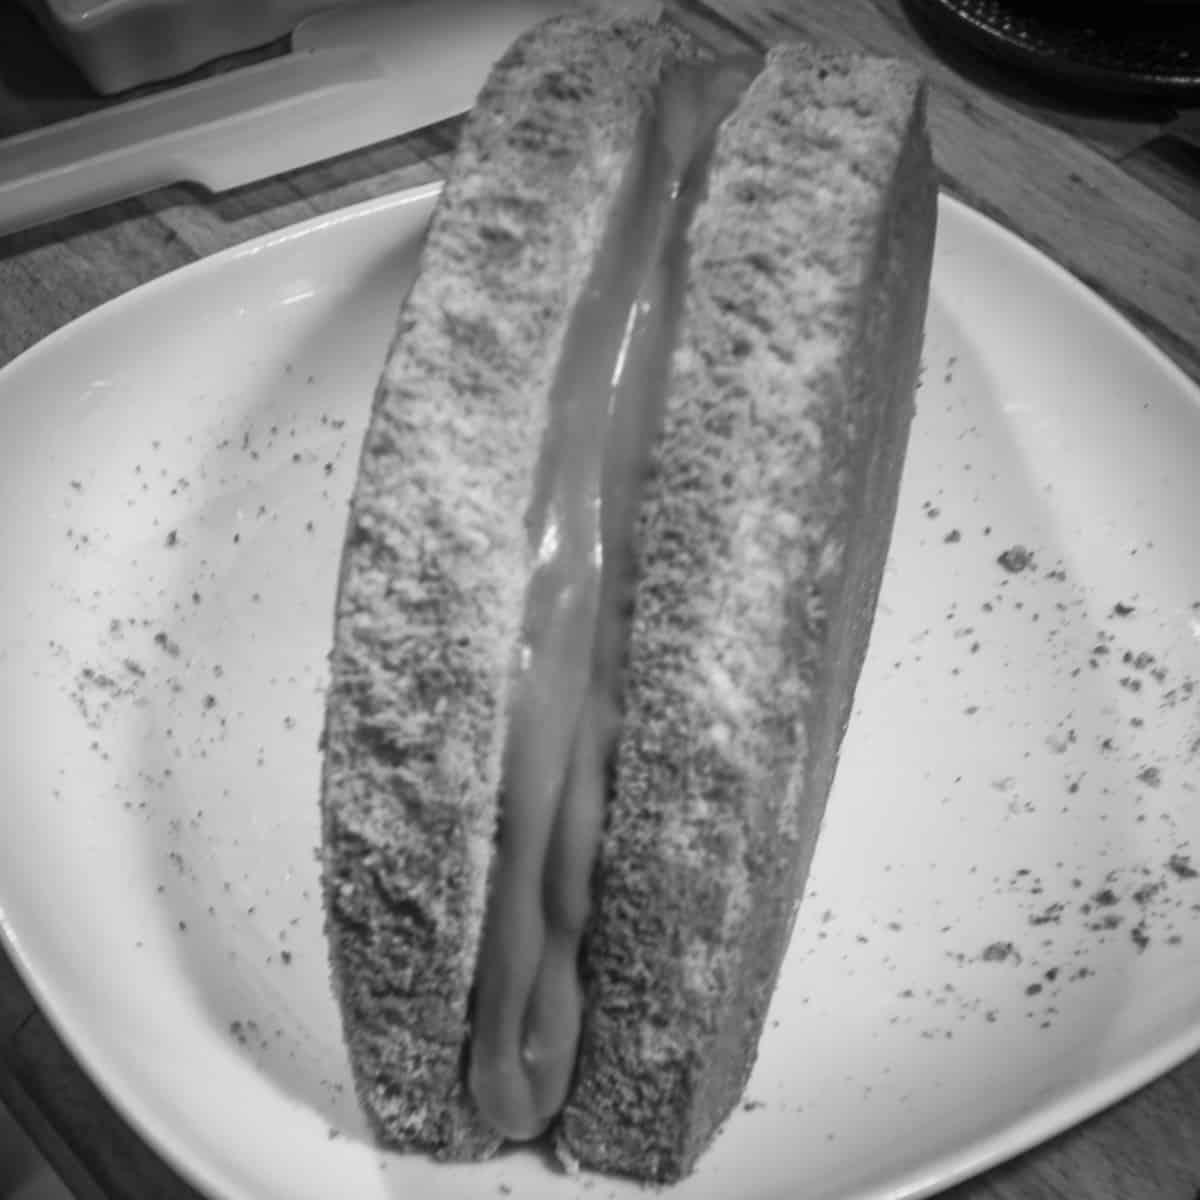 Anleitung osterhasen kuchen backen